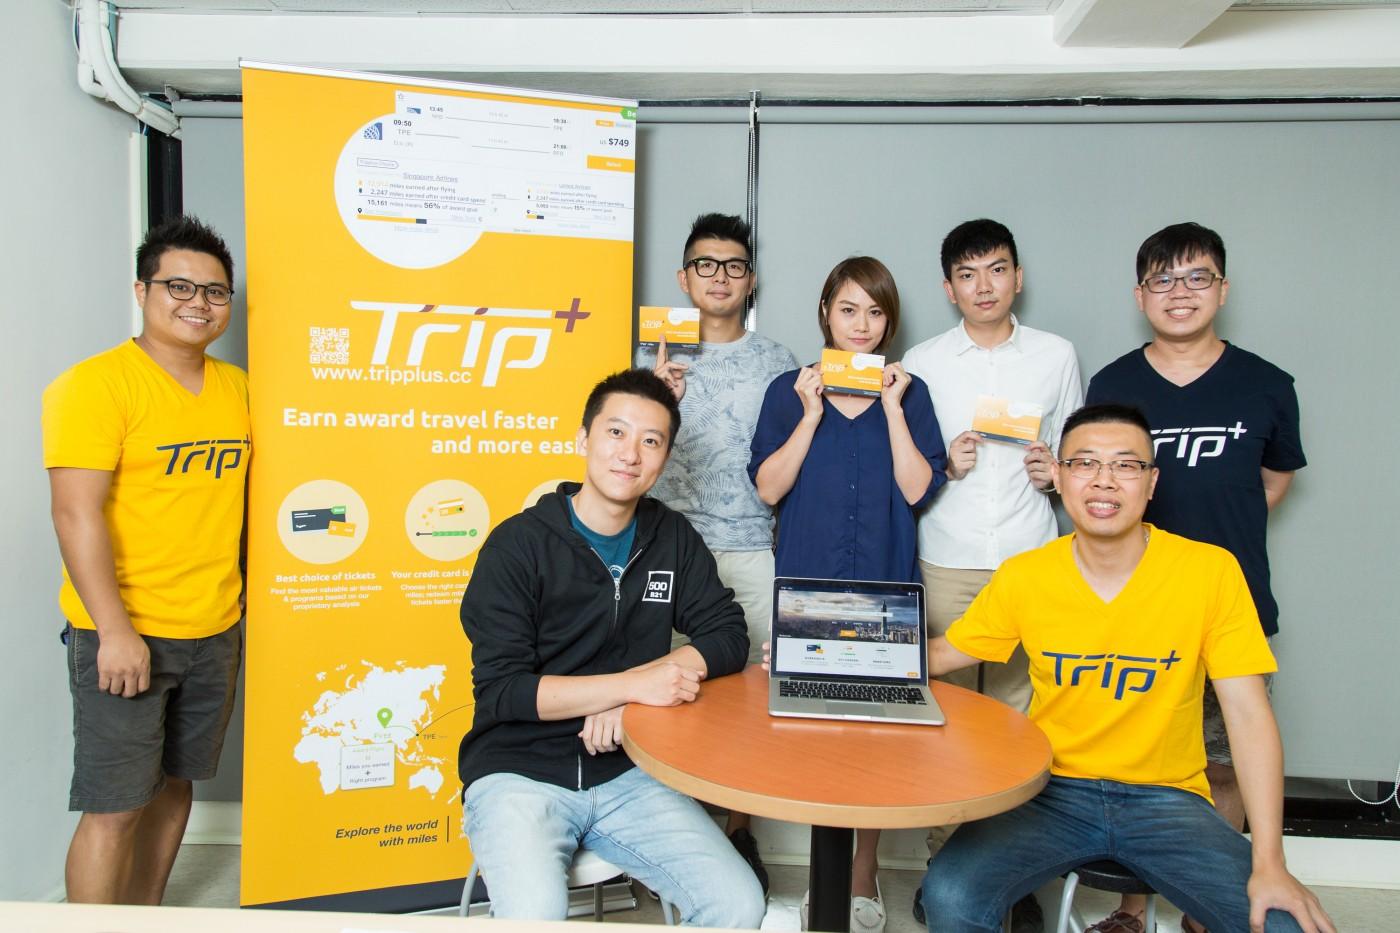 入選500 Startups!TripPlus拆解飛行哩程最佳累積方案,幫你買到「真正划算」的機票